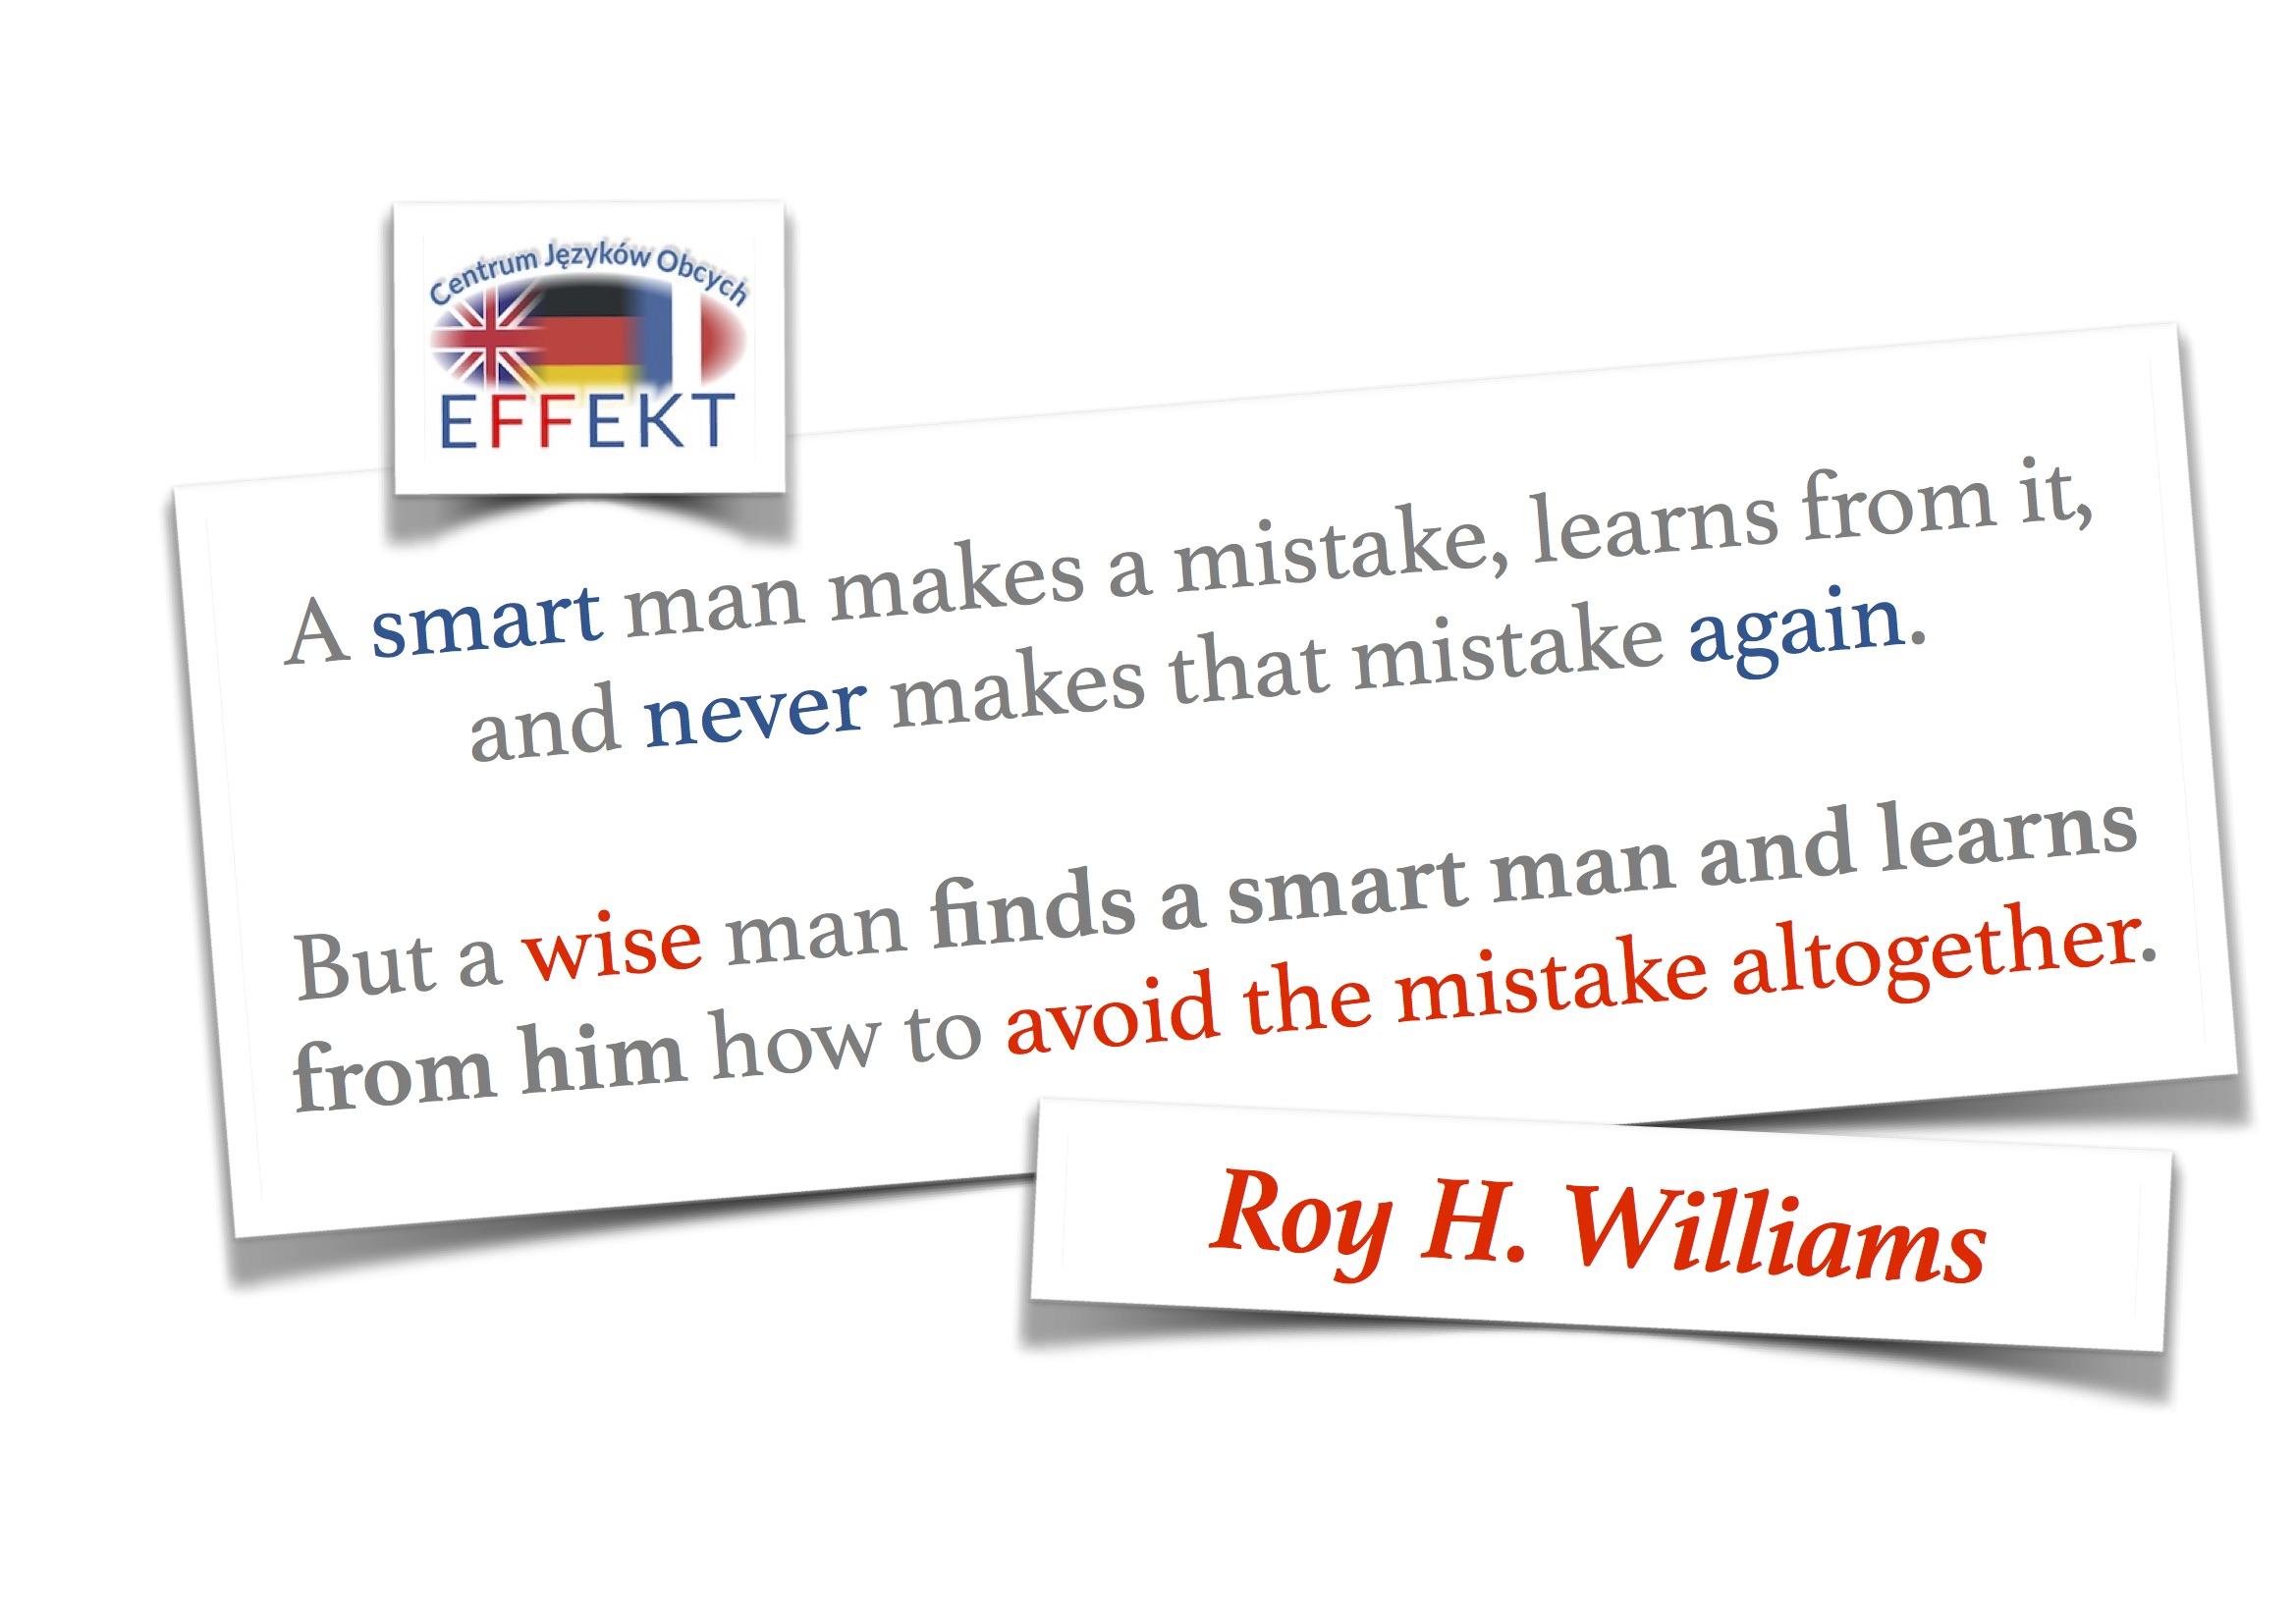 A wise man finds a smart man